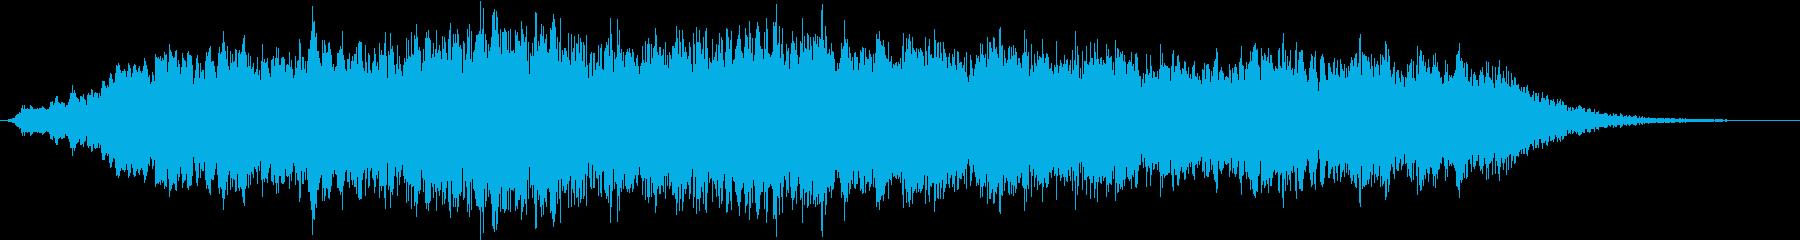 【ダークドローン】暗黒の世界の再生済みの波形